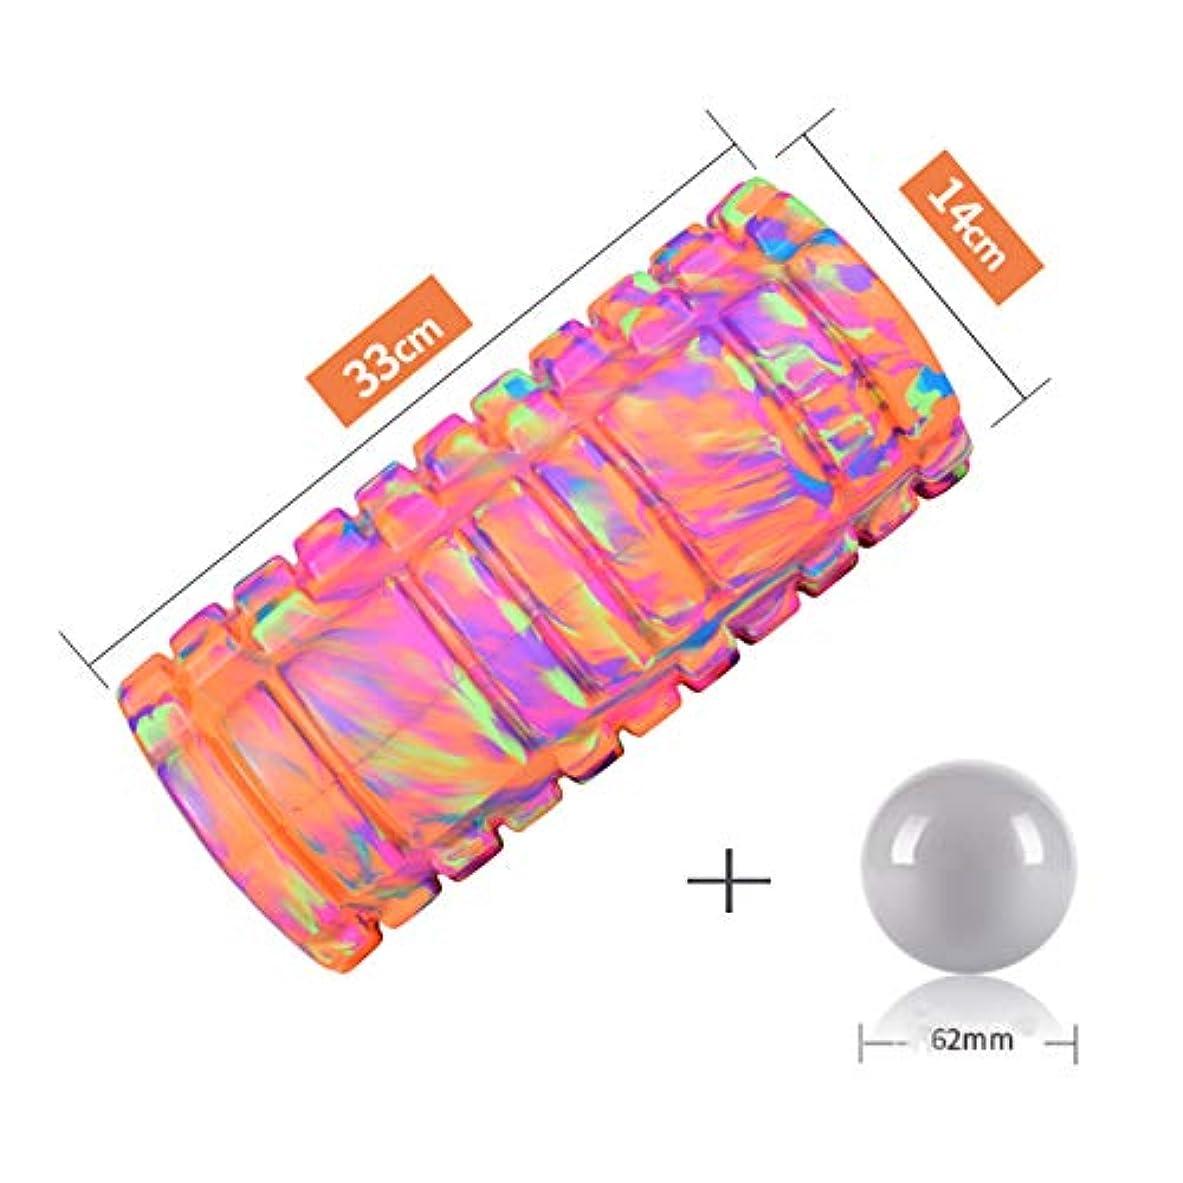 ハウスハンディキャップスナップフォームローラー 2-in-1強力フォームローラーとマッサージボール中密度のティッシュペーパーで筋肉マッサージと筋筋膜のトリガーポイントを解除,Orange